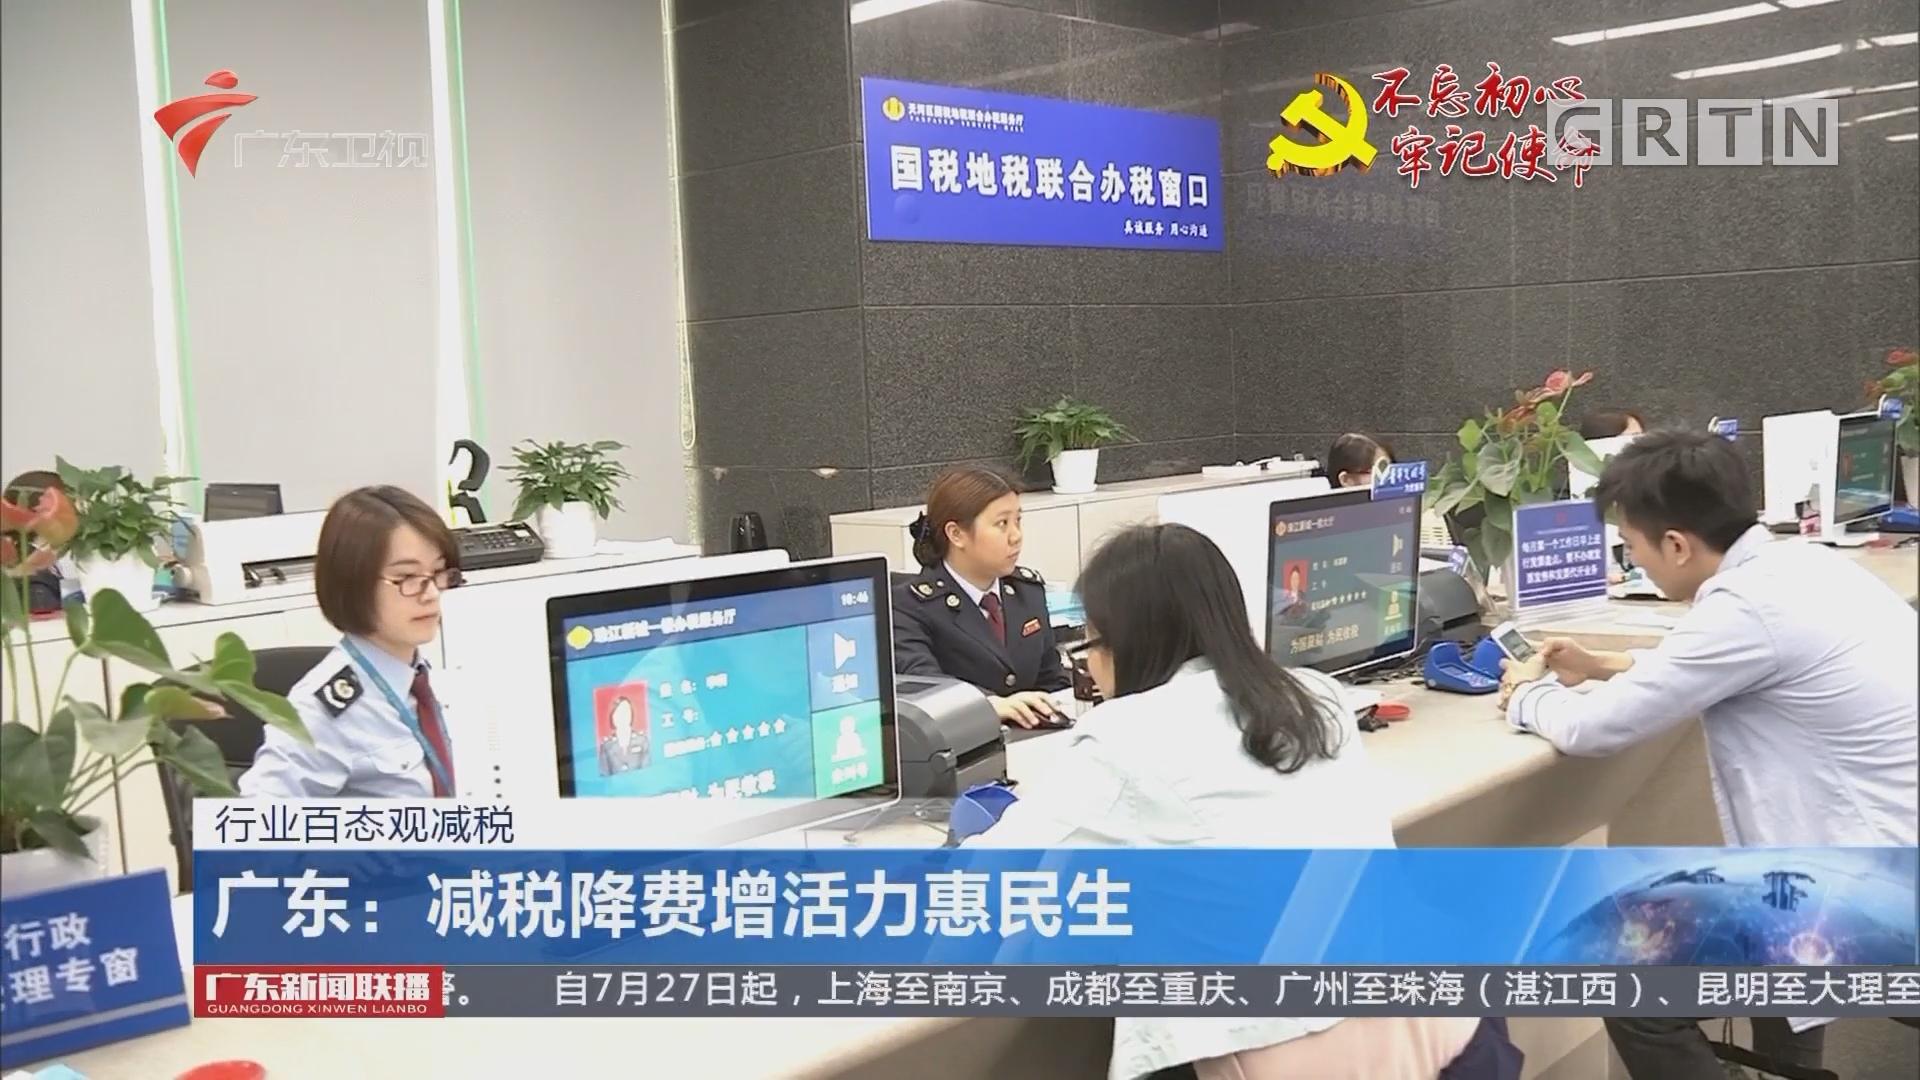 广东:减税降费增活力惠民生